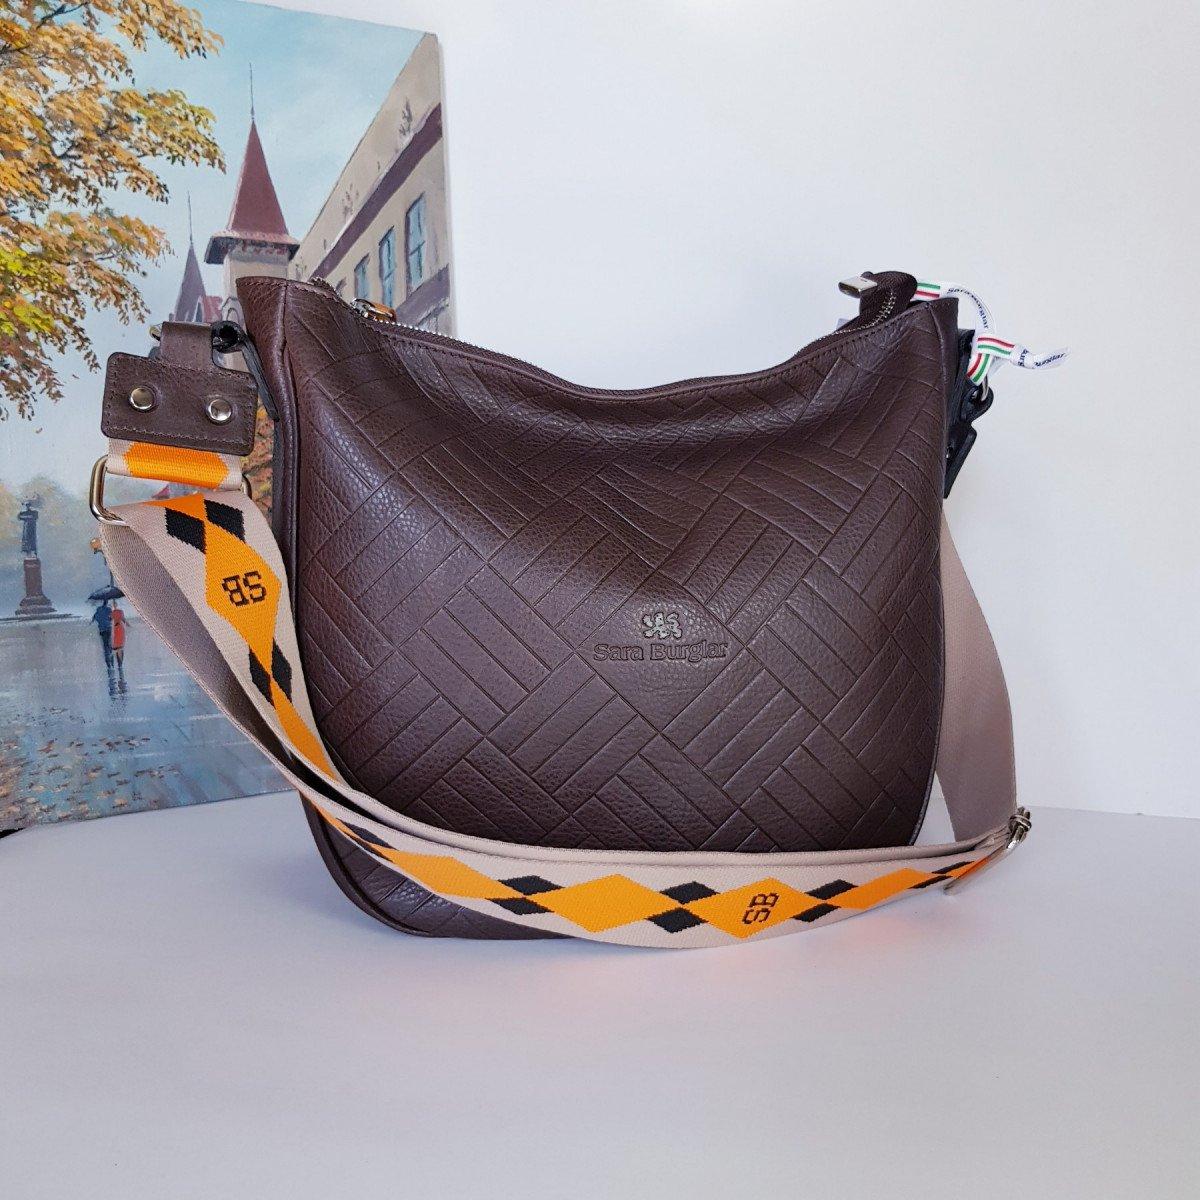 Женская кожаная сумка Sara Burglar A0S1D141 MORO из натуральной кожи